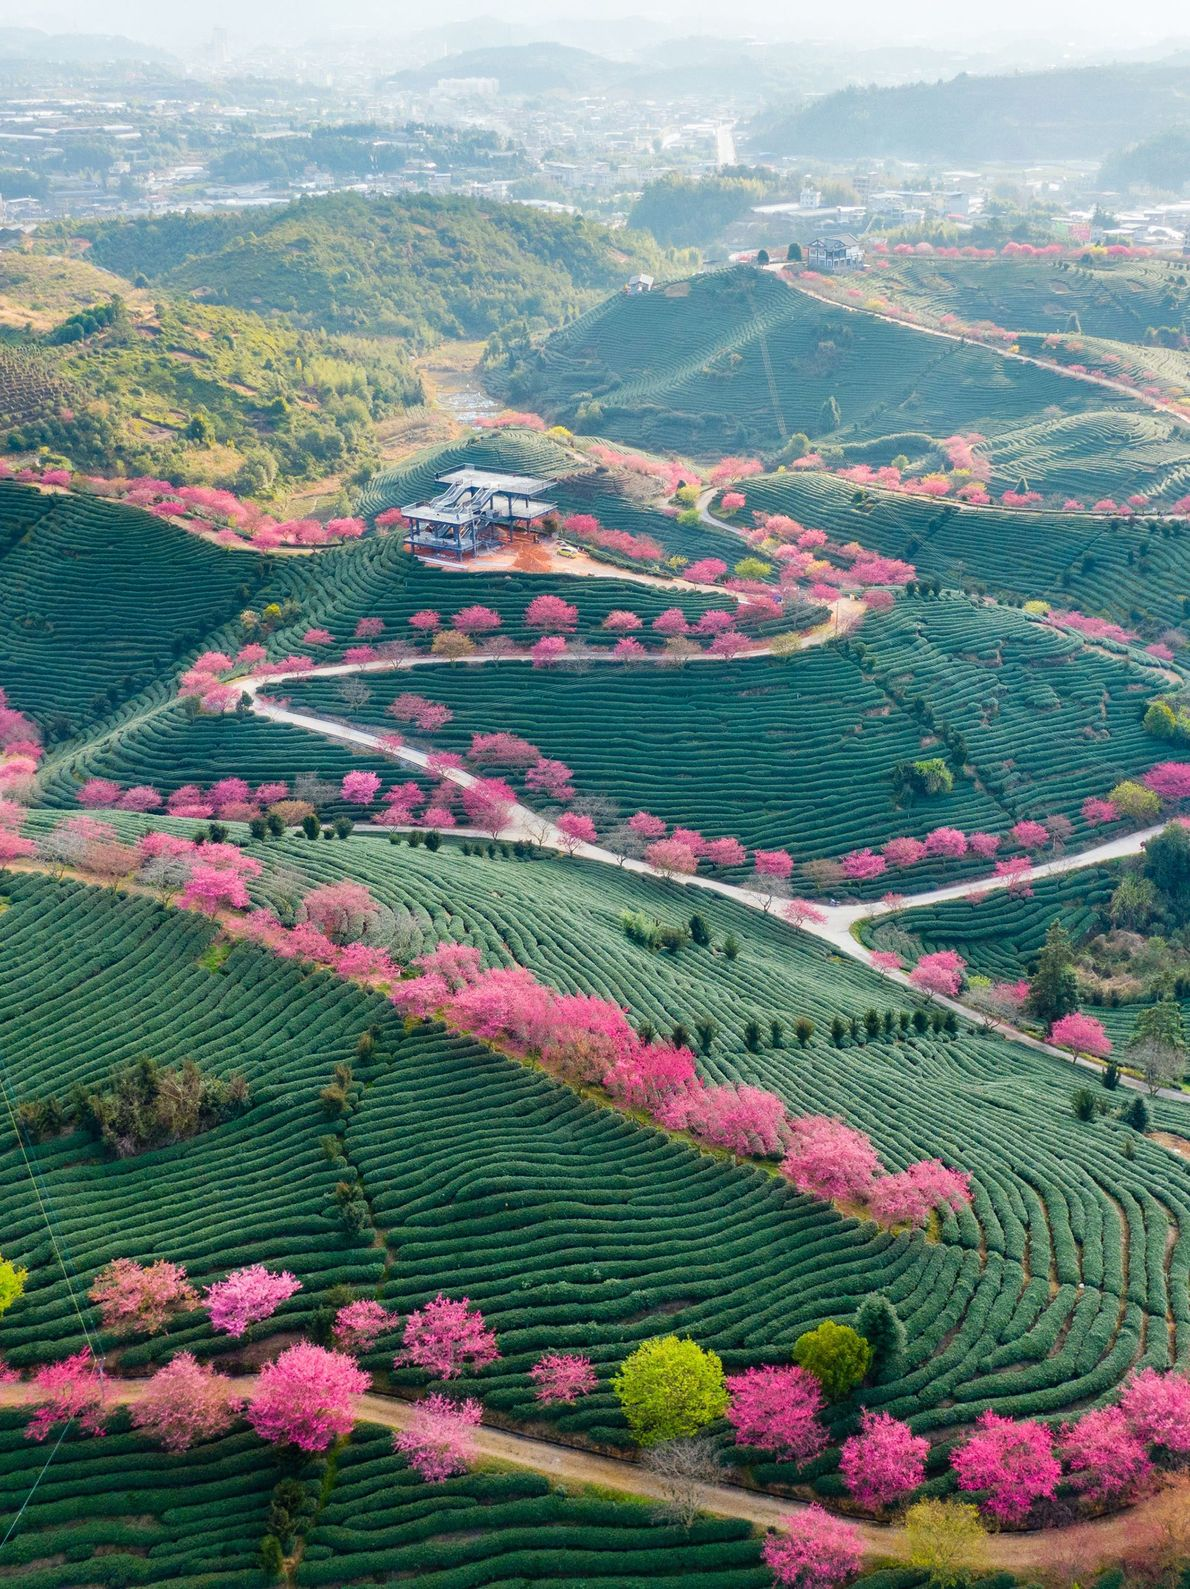 Paisagens verdejantes e copas de árvores rosa flamingo criam um cenário fantástico na região de Fujian, ...